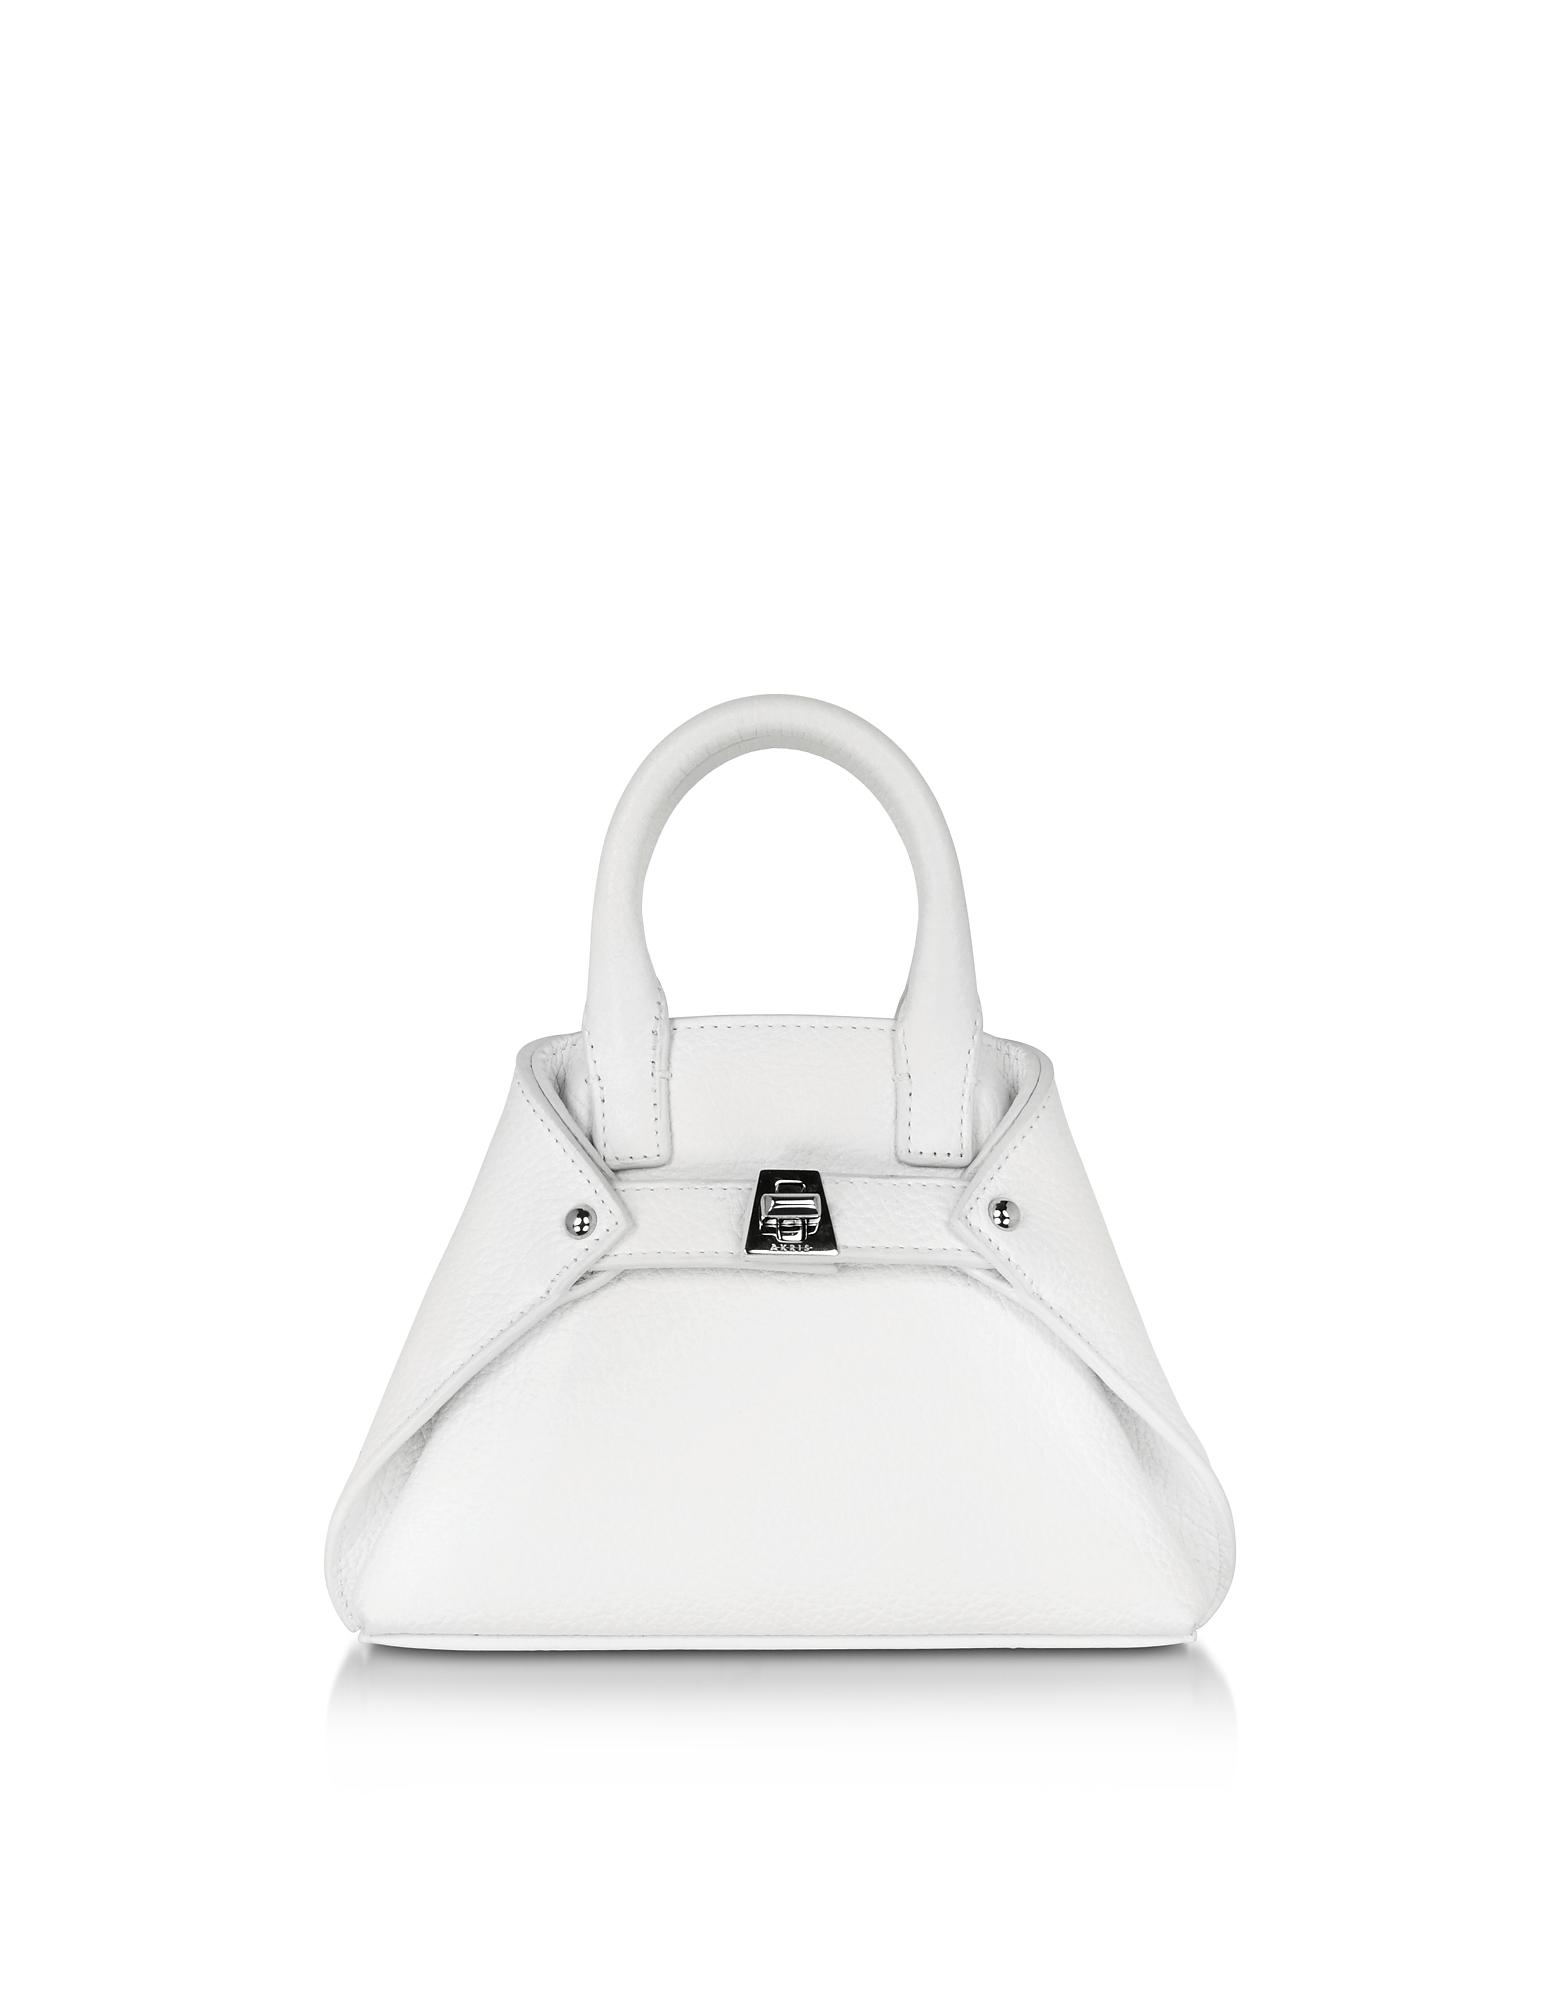 Ai Micro Crossbody Bag in Pelle Bianco Ottico